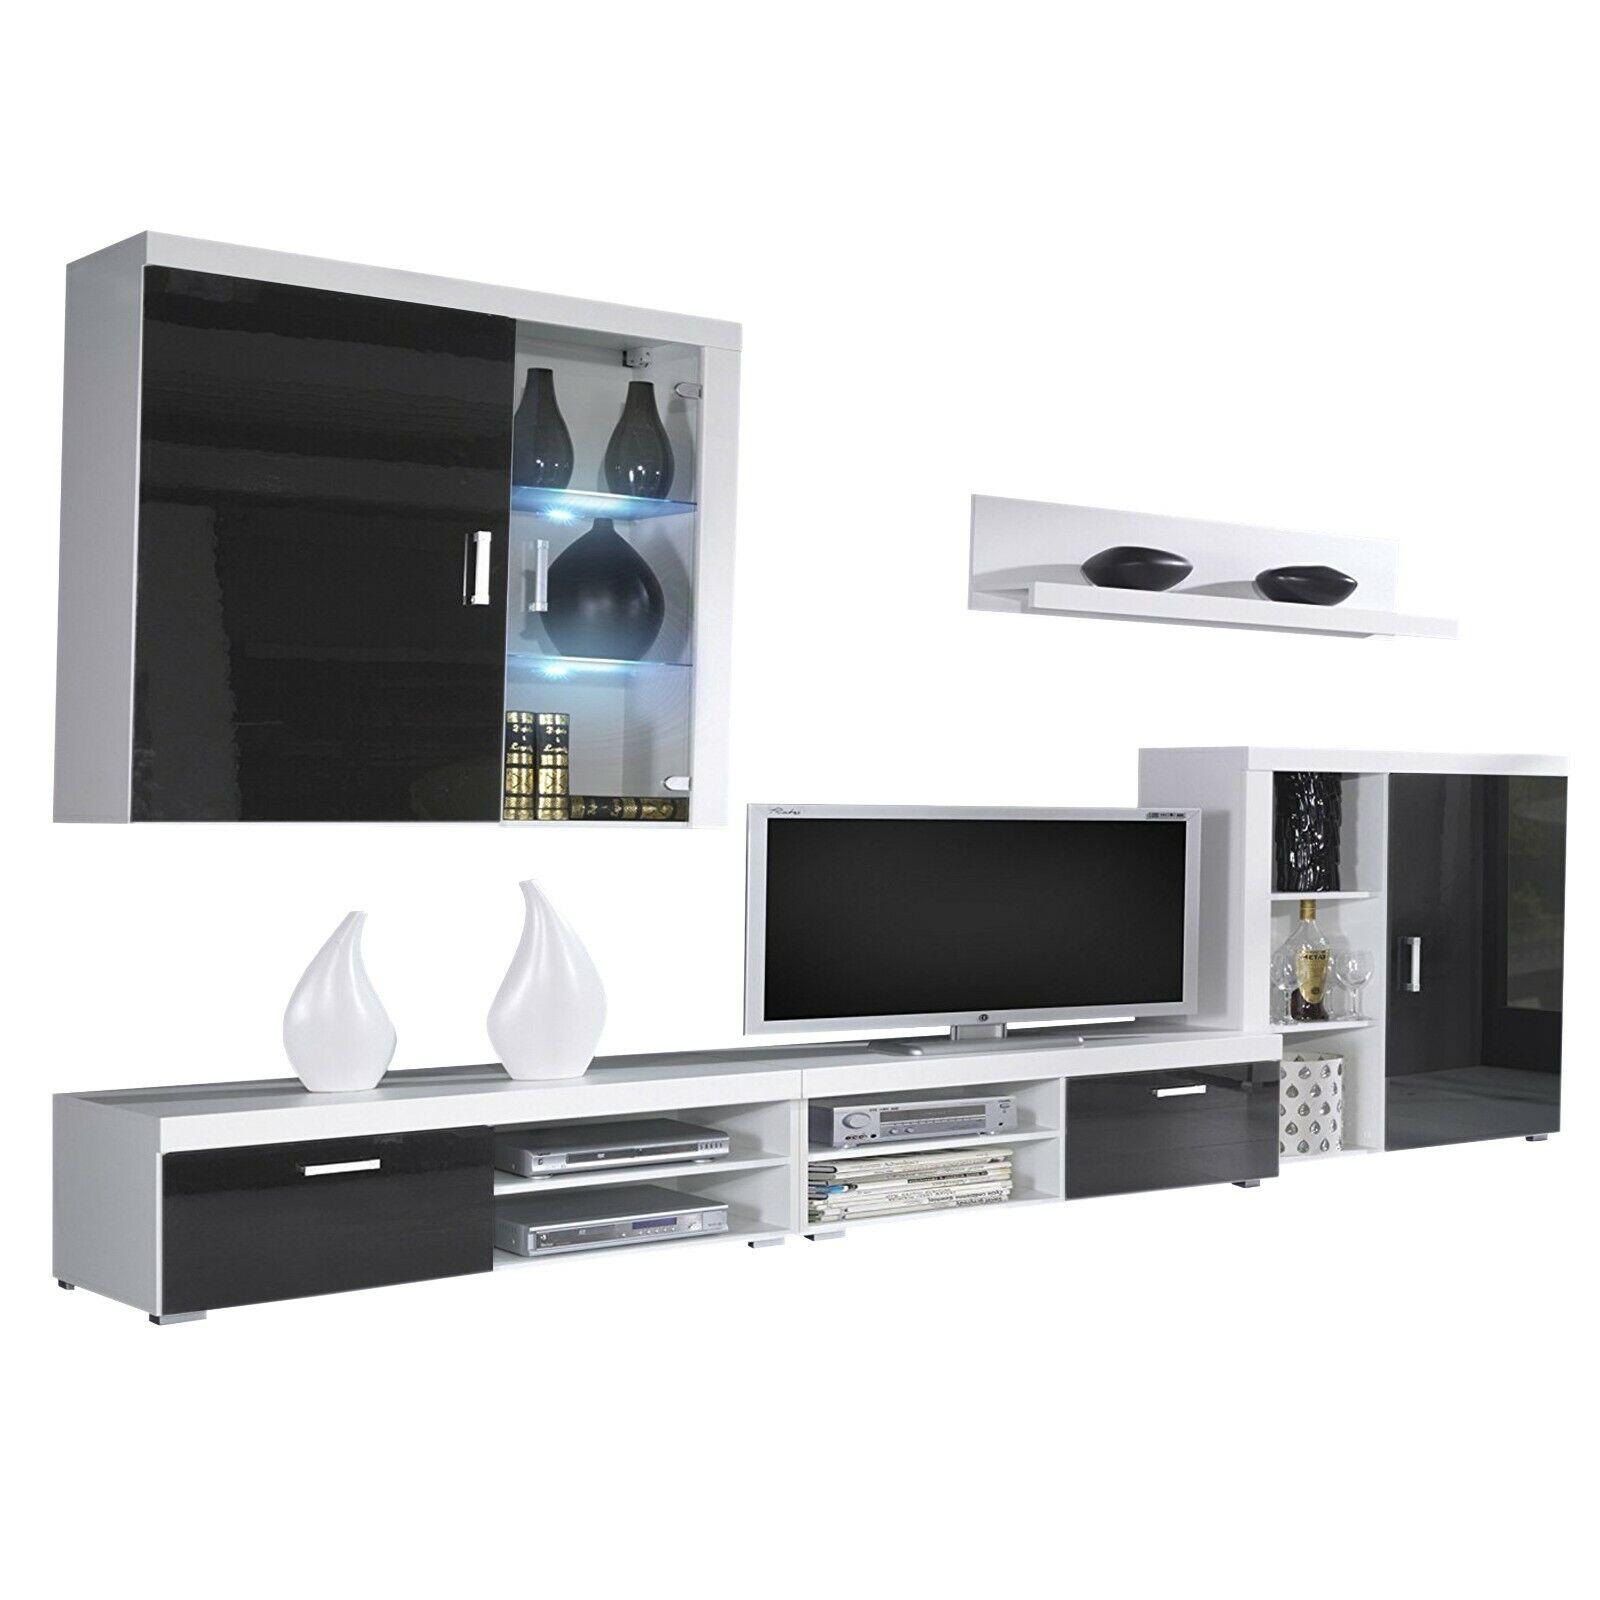 Mueble comedor salon moderno, vitrina con Leds, Negro Brillo y Blanco Mate